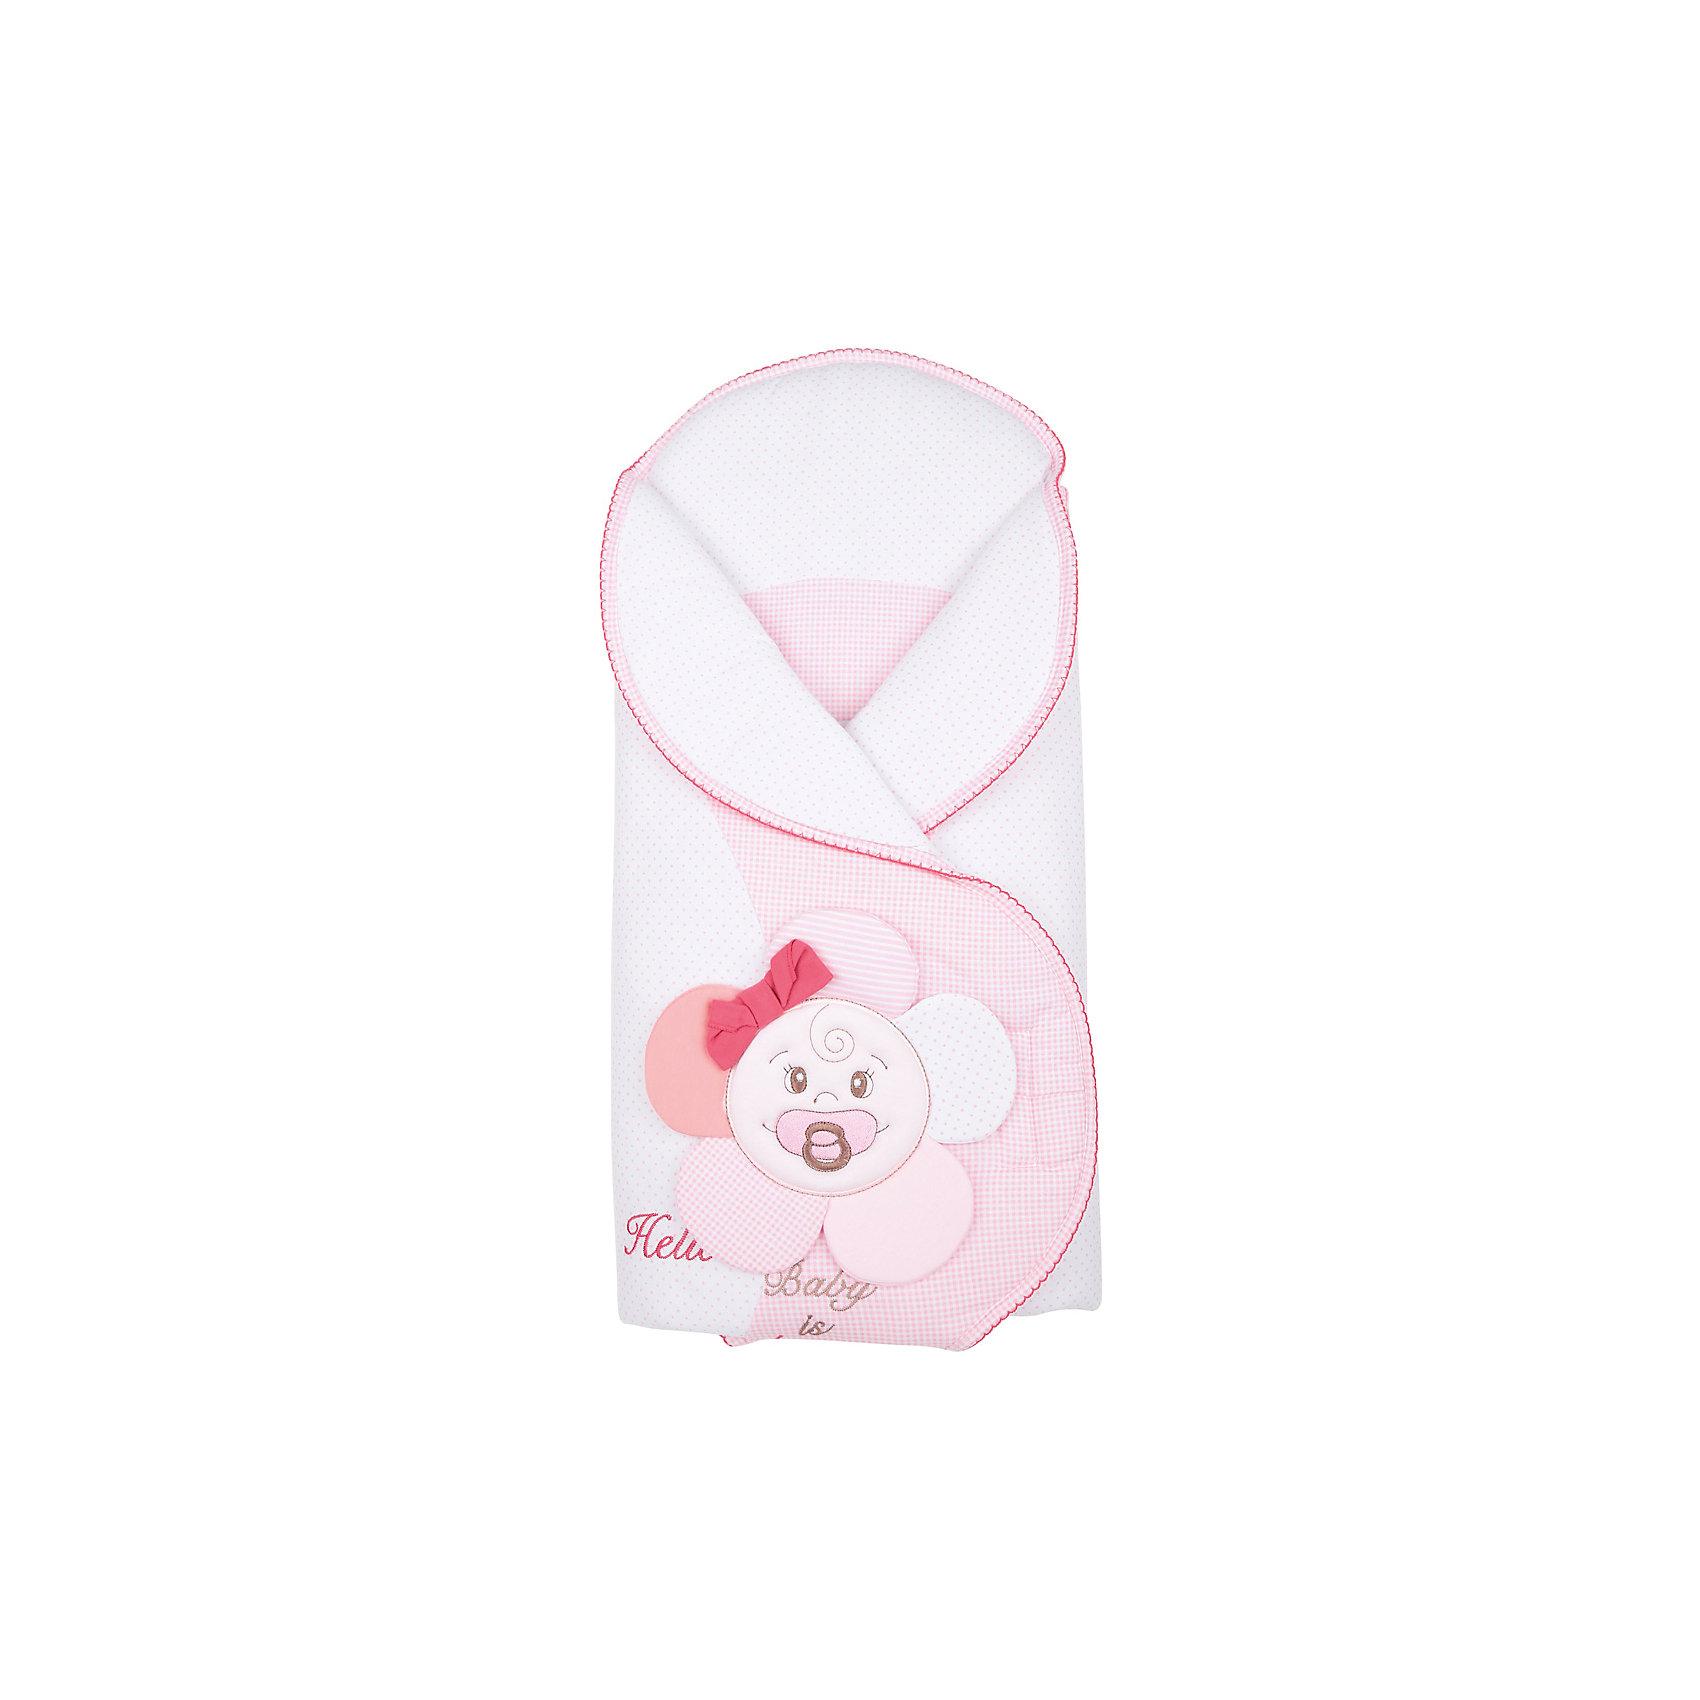 Конверт на выписку Kwiatuszek, SOFIJA, розовыйKwiatuszek - превосходный конверт для выписки от популярного польского бренда детских товаров Sofija (София). Модель застегивается липучку и с легкостью трансформируется в одеяло. Конверт изготовлен из 100 % хлопка, нежно оберегающего малыша от холода и ветра. Украшение в виде аппликации и вышивки прекрасно дополняет этот очаровательный конверт. Гулять с таким конвертом одно удовольствие!<br>Дополнительная информация:<br>-застегивается на липучку<br>-трансформируется в одеяло<br>-украшен аппликацией и вышивкой<br>-цвет: розовый<br>-состав: 100% хлопок<br>-вес: 500 грамм<br>-размер: 15х50х90 см<br>Конверт для выписки Kwiatuszek вы можете приобрести в нашем интернет-магазине.<br><br>Ширина мм: 700<br>Глубина мм: 350<br>Высота мм: 35<br>Вес г: 300<br>Возраст от месяцев: -2147483648<br>Возраст до месяцев: 2147483647<br>Пол: Женский<br>Возраст: Детский<br>SKU: 4904891